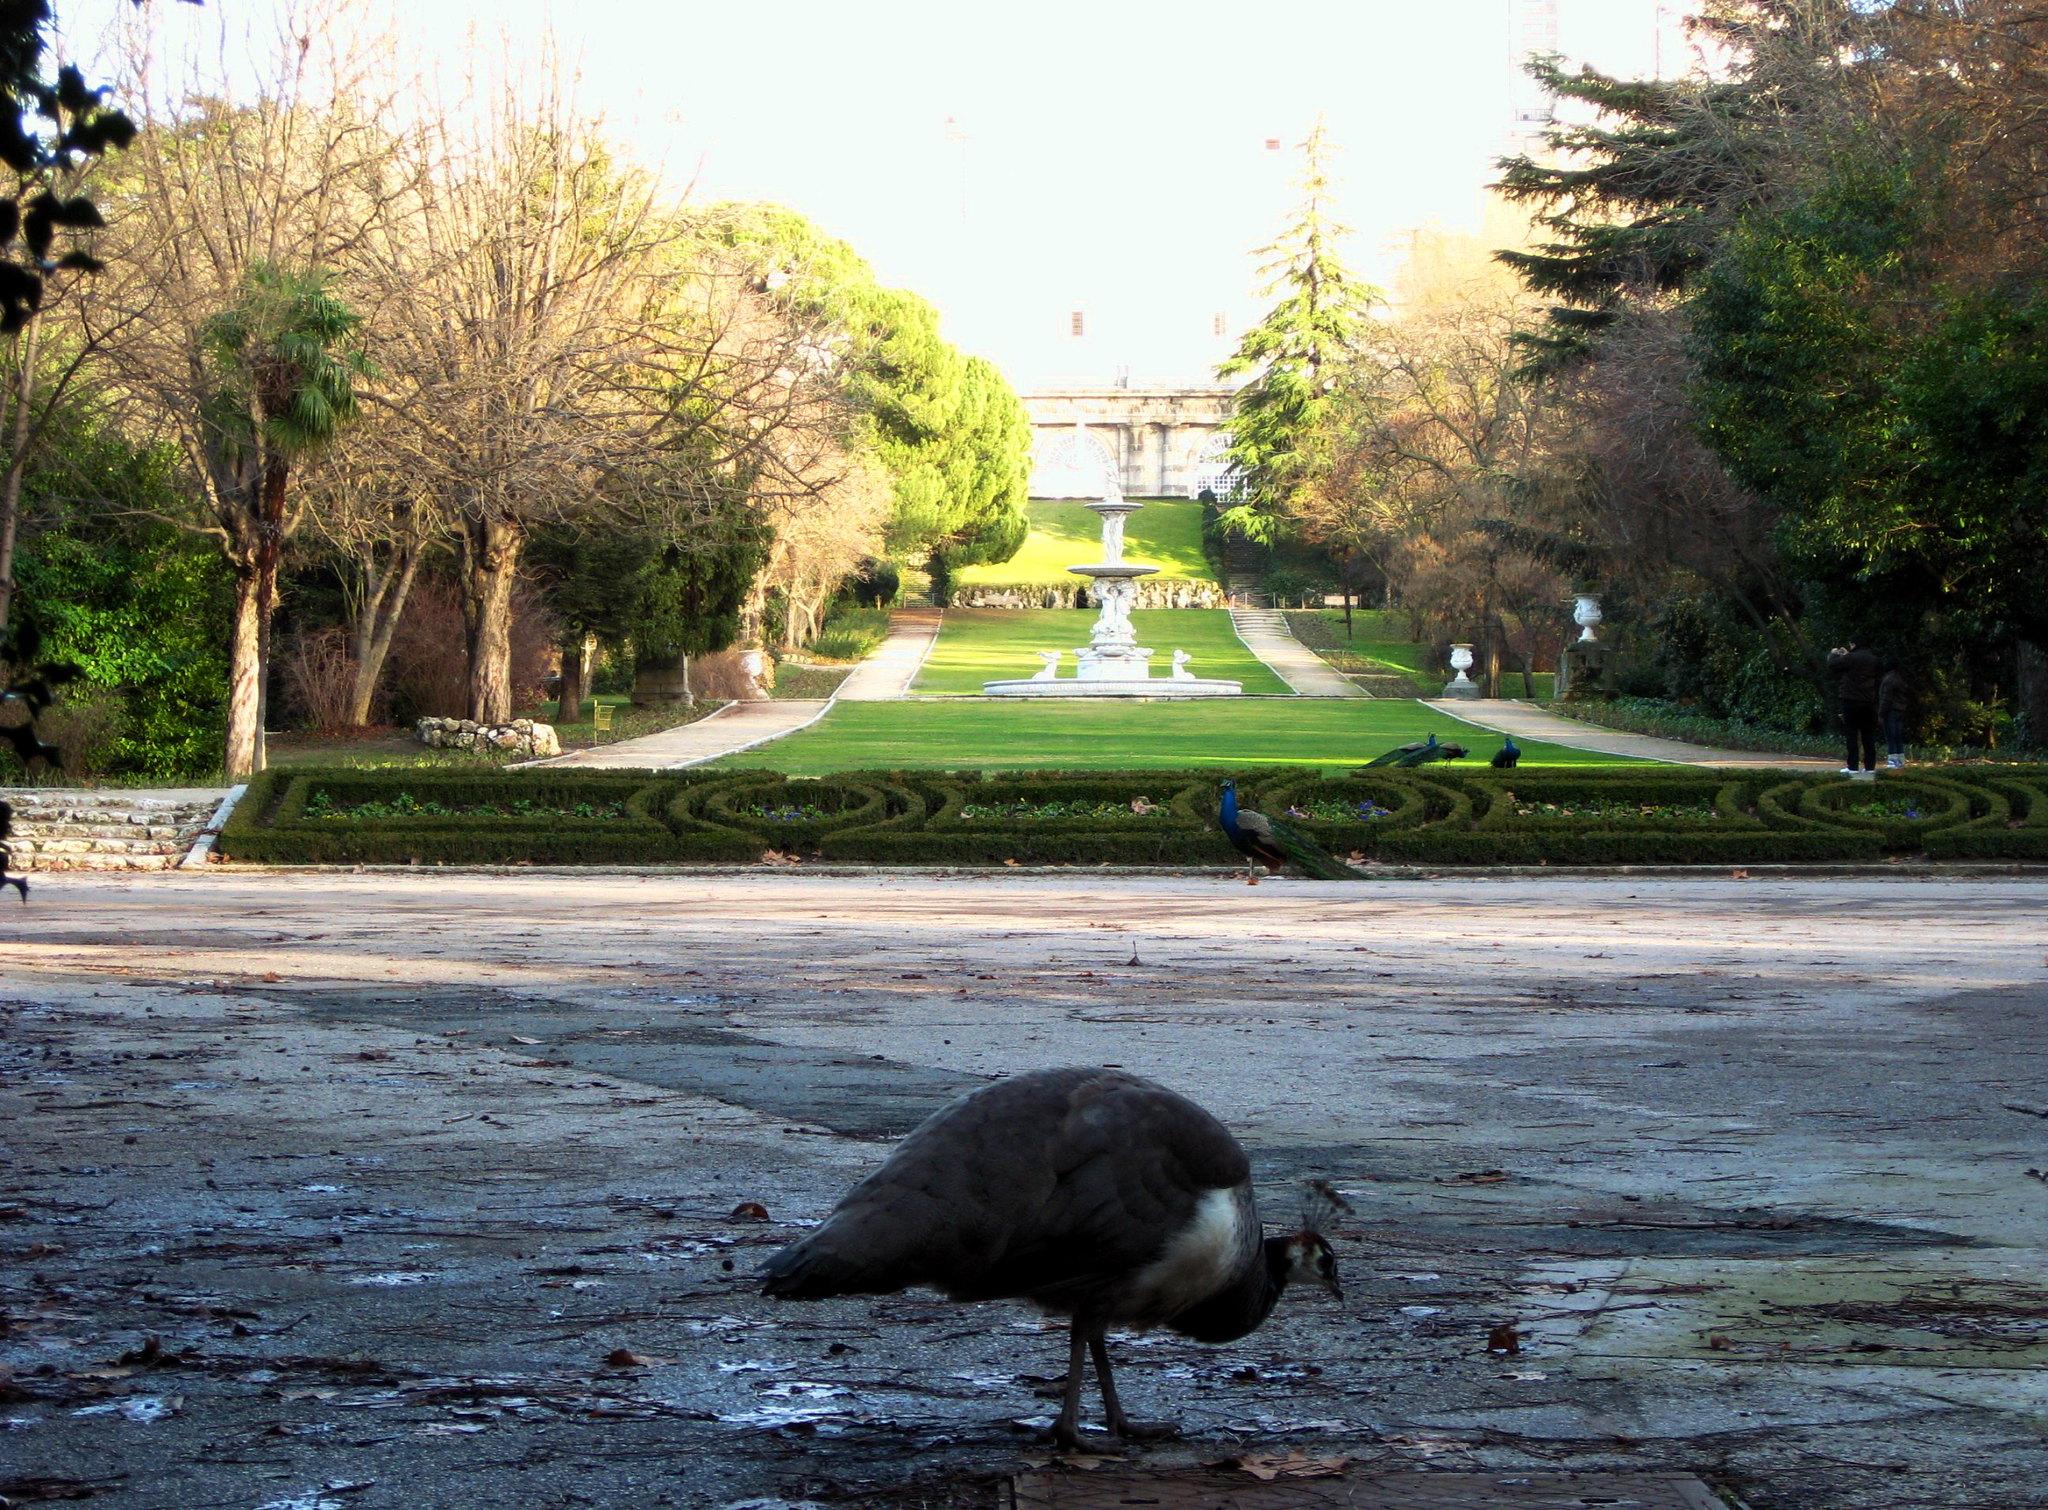 giardino botanico reale madrid